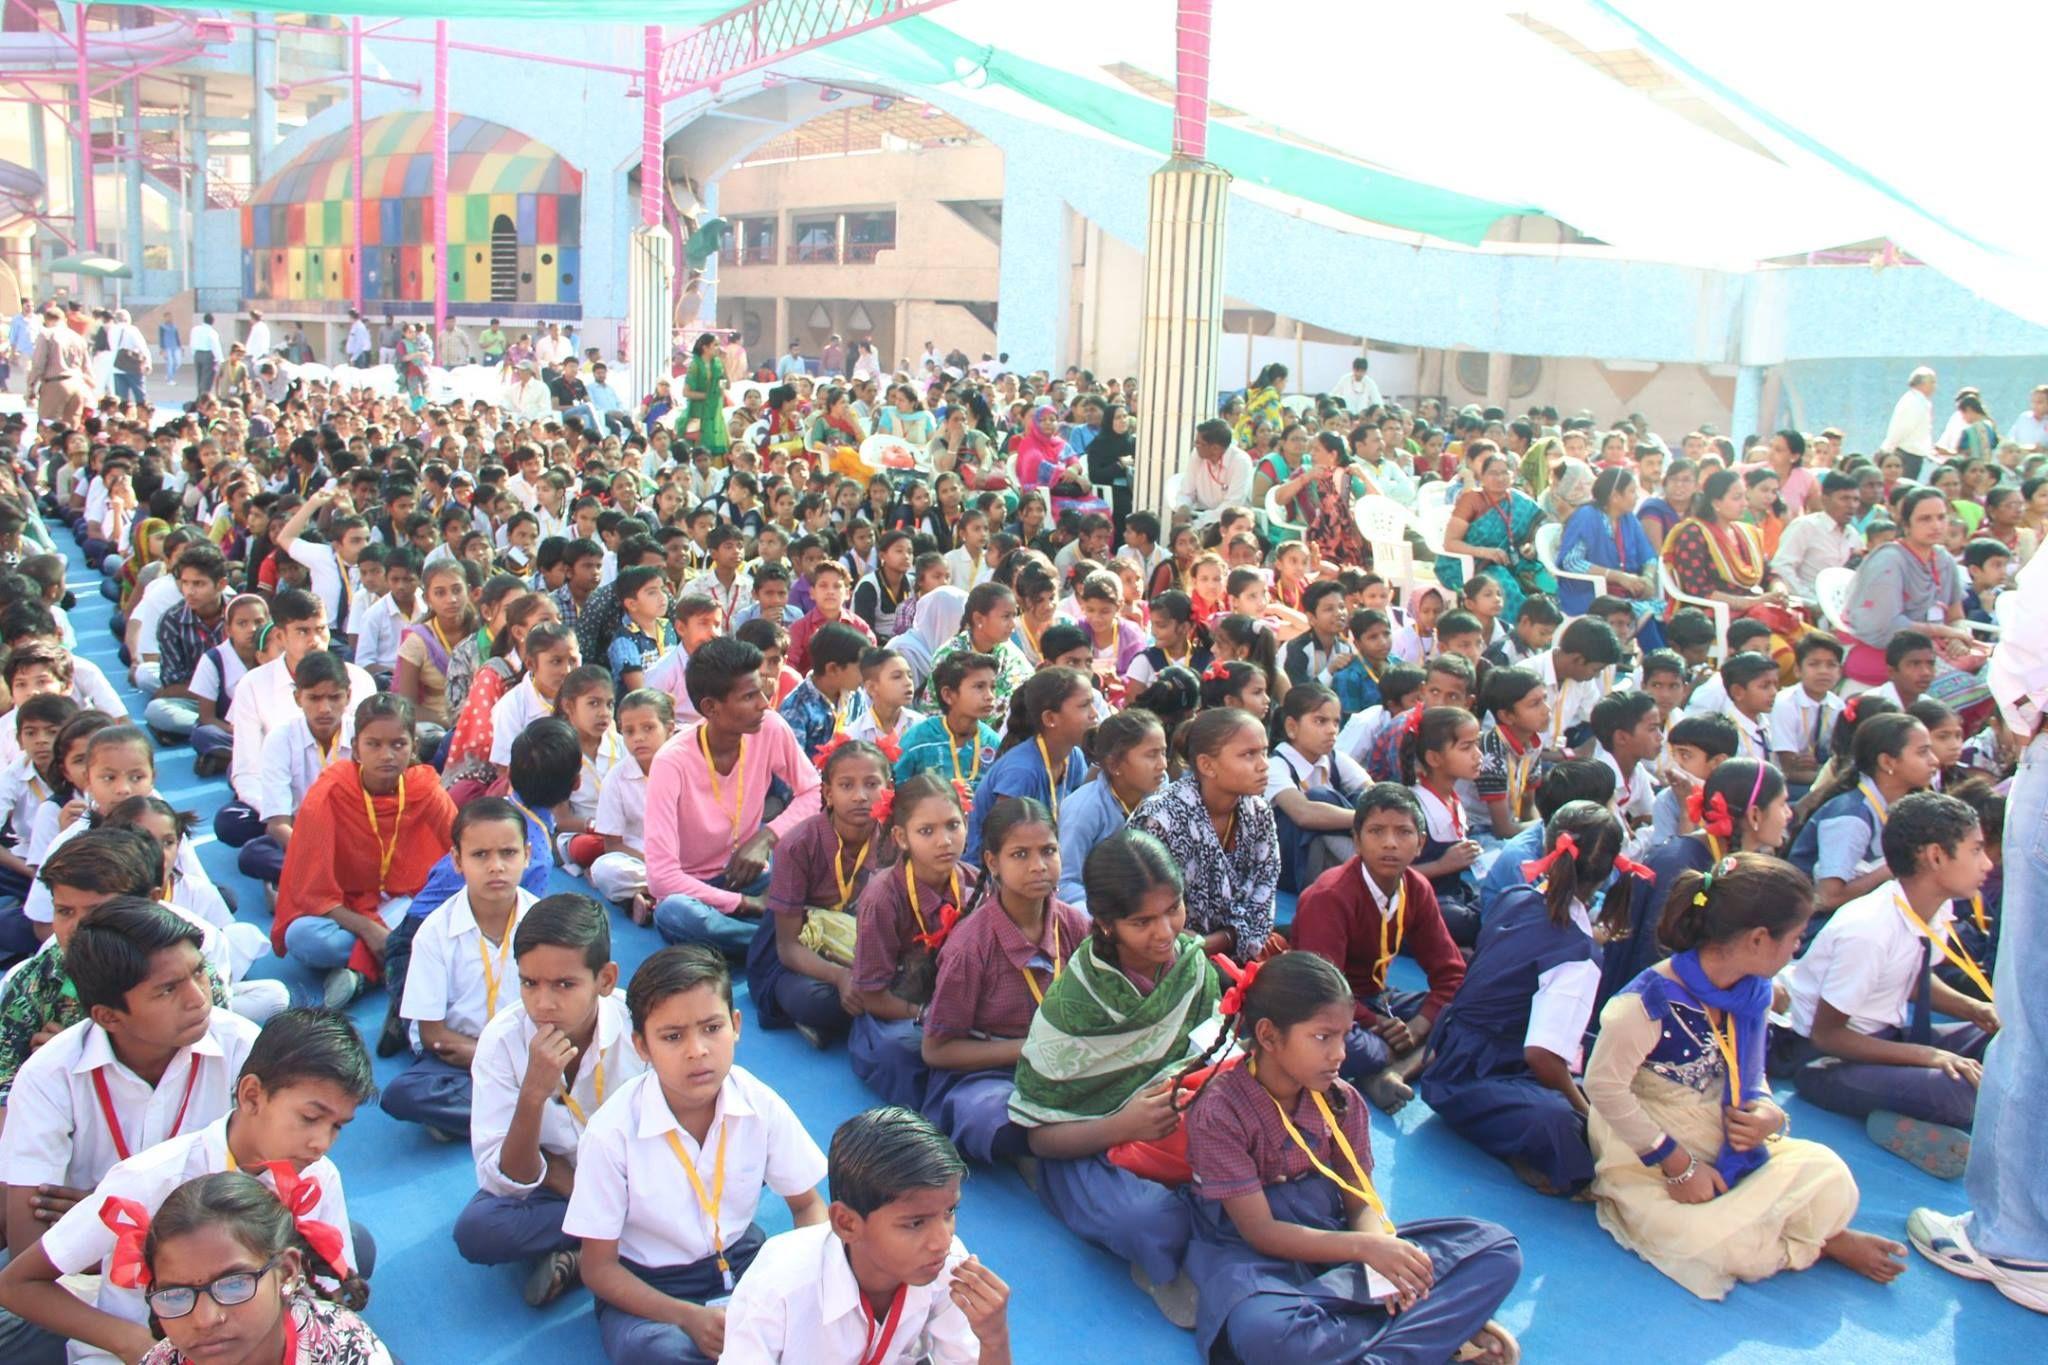 મેયરશ્રીનો અનોખો પ્રયોગ: માં બાપ વિનાના નિરાધાર બાળકો સાથે અમદાવાદ સ્થાપના દિન ની ઉજવણી #AhmedabadSthapanaDivas #AhmedabadFoundationDay #Ahmedabad #HBDayAhmedabad #HappybdayAhmedabad Ahmedabad, India AMC-Ahmedabad Municipal Corporation Gautam Shah TV9 Gujarati Ahmedabad One Divya Bhaskar